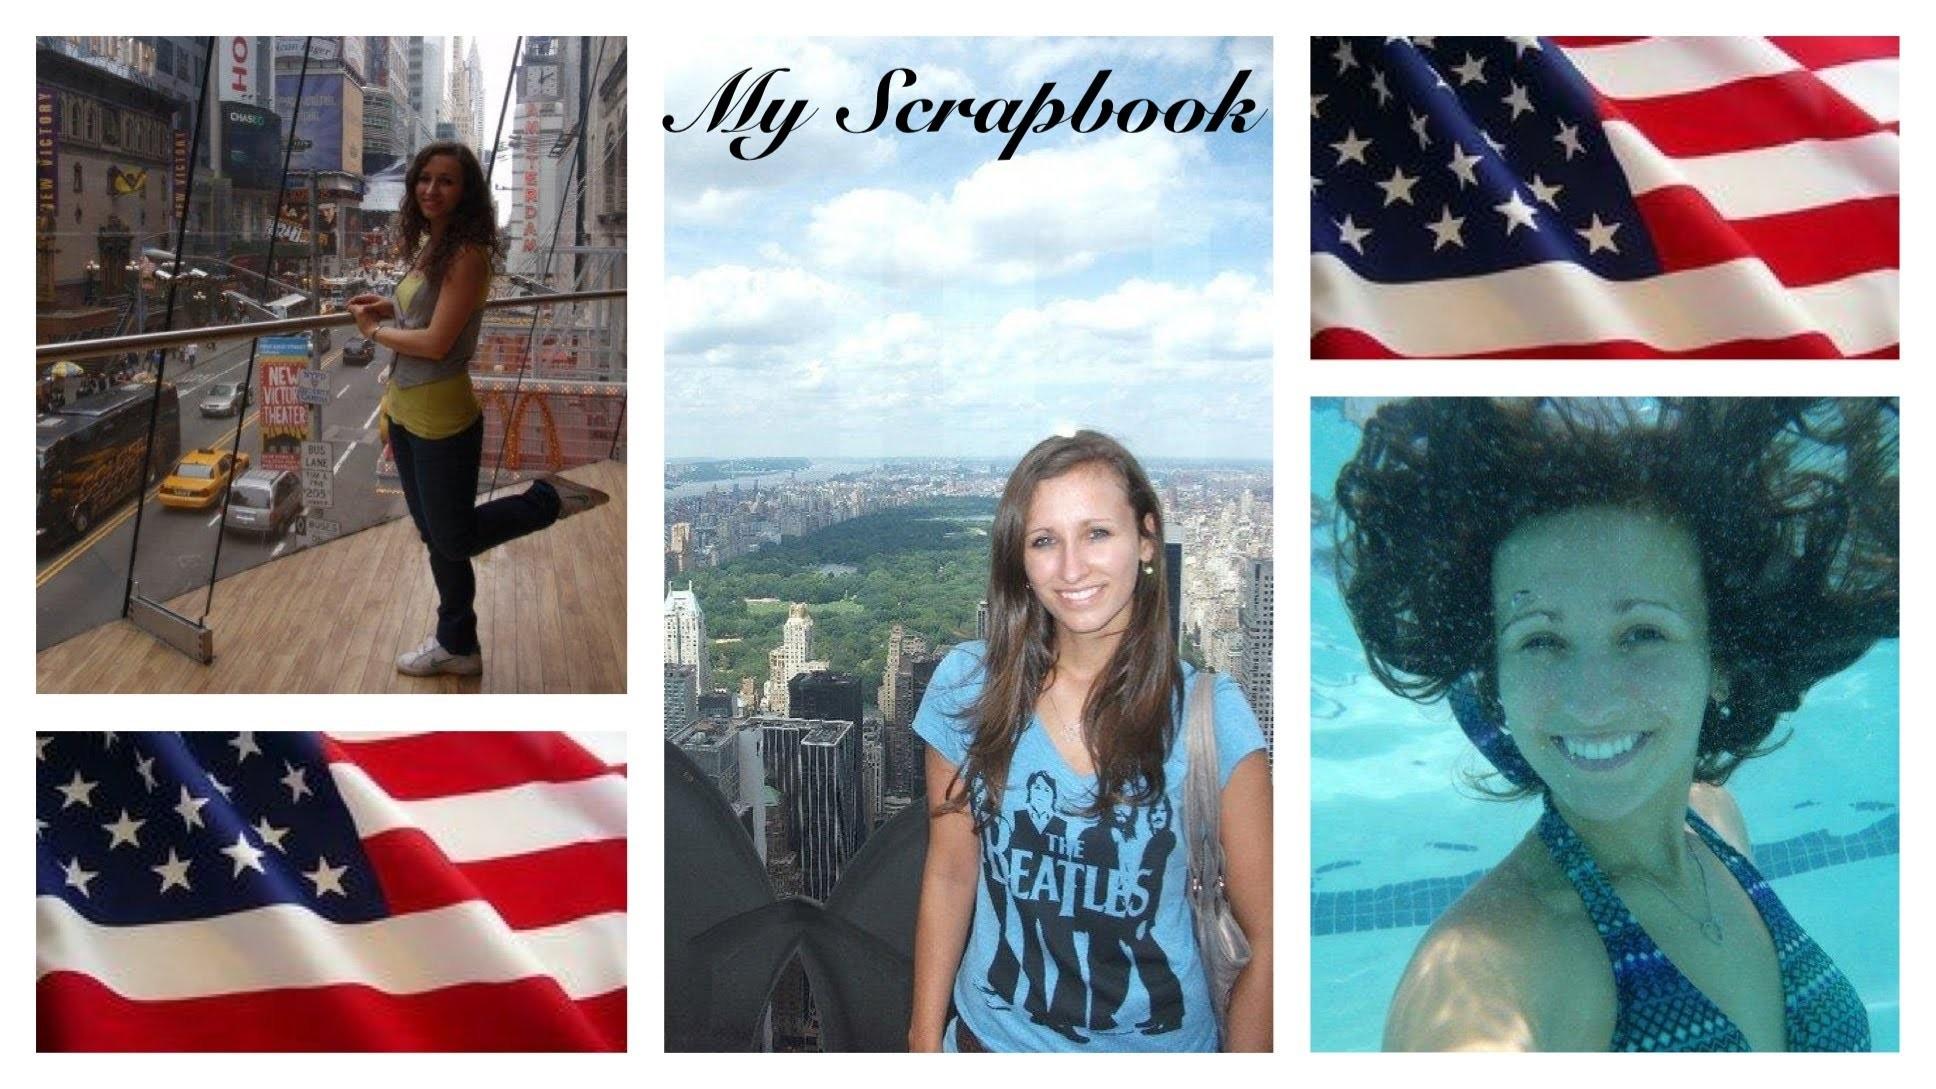 Život v USA - Můj Scrapbook část I.